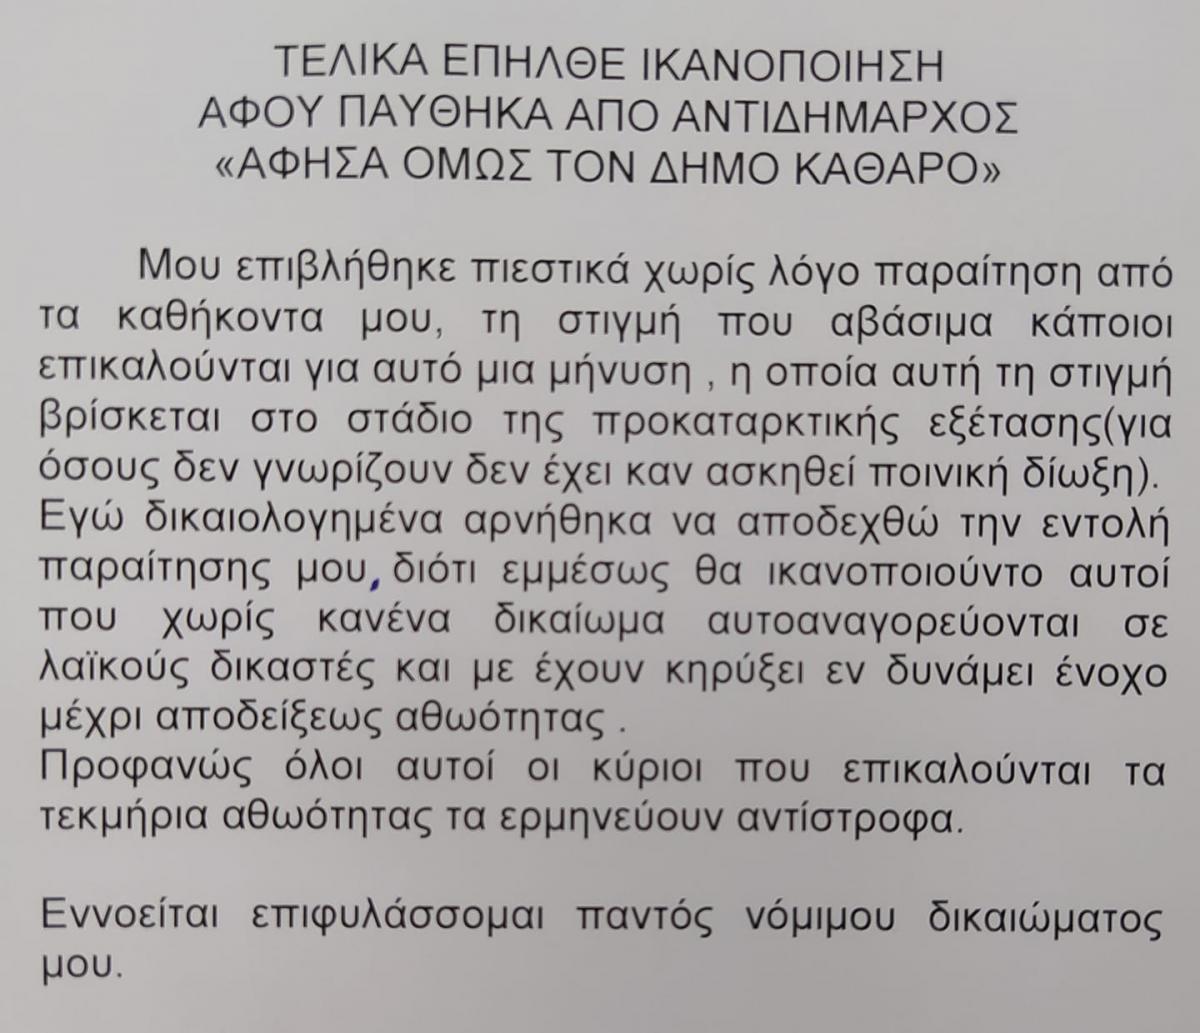 Πύργος: Η απάντηση Λάμπη Αριστειδόπουλου για την παύση του από Αντιδήμαρχος- Επιφυλάσσεται παντός νόμιμου δικαιώματός του